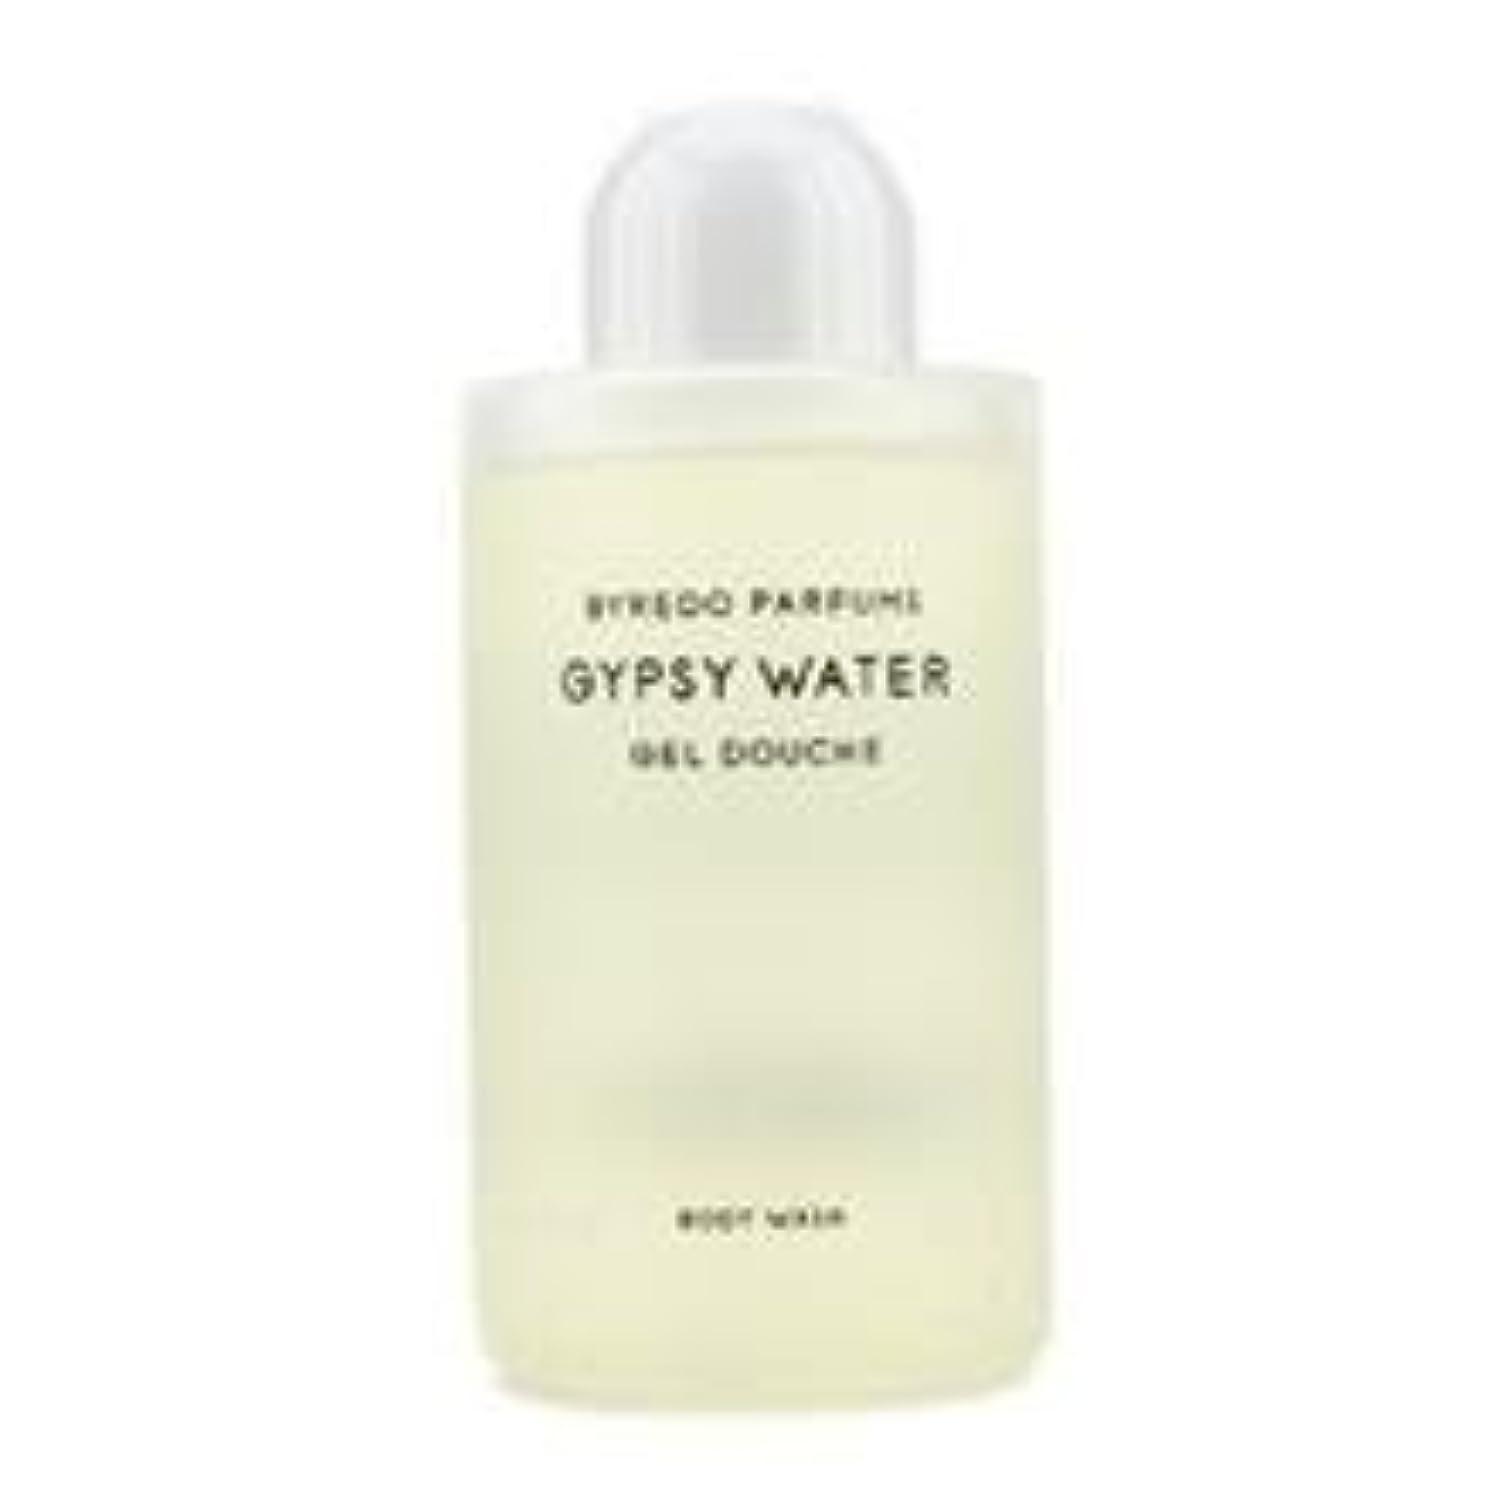 冊子騙す水族館Byredo Gypsy Water Body Wash 225ml/7.6oz by Byredo